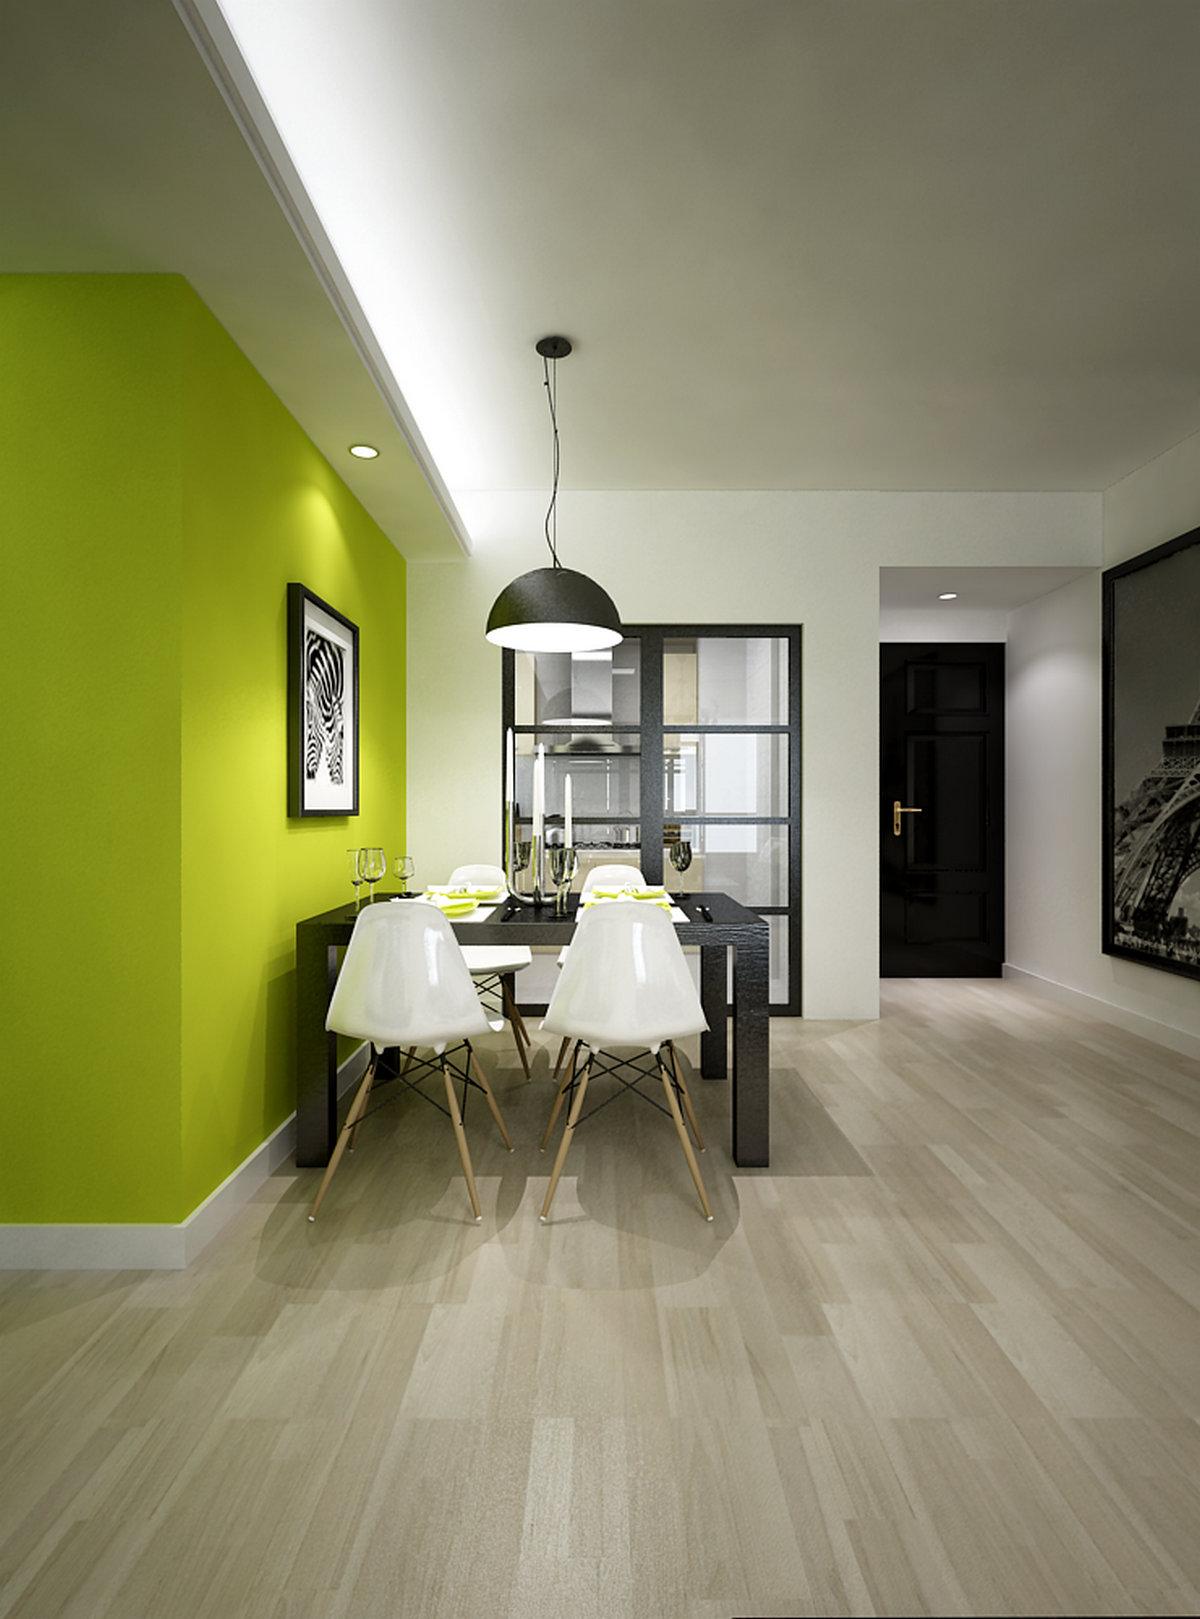 二居 现代简约 客厅 餐厅 卧室 玄关 厨房 餐厅图片来自实创装饰晶晶在现代简约黑白绿三元素结合的分享